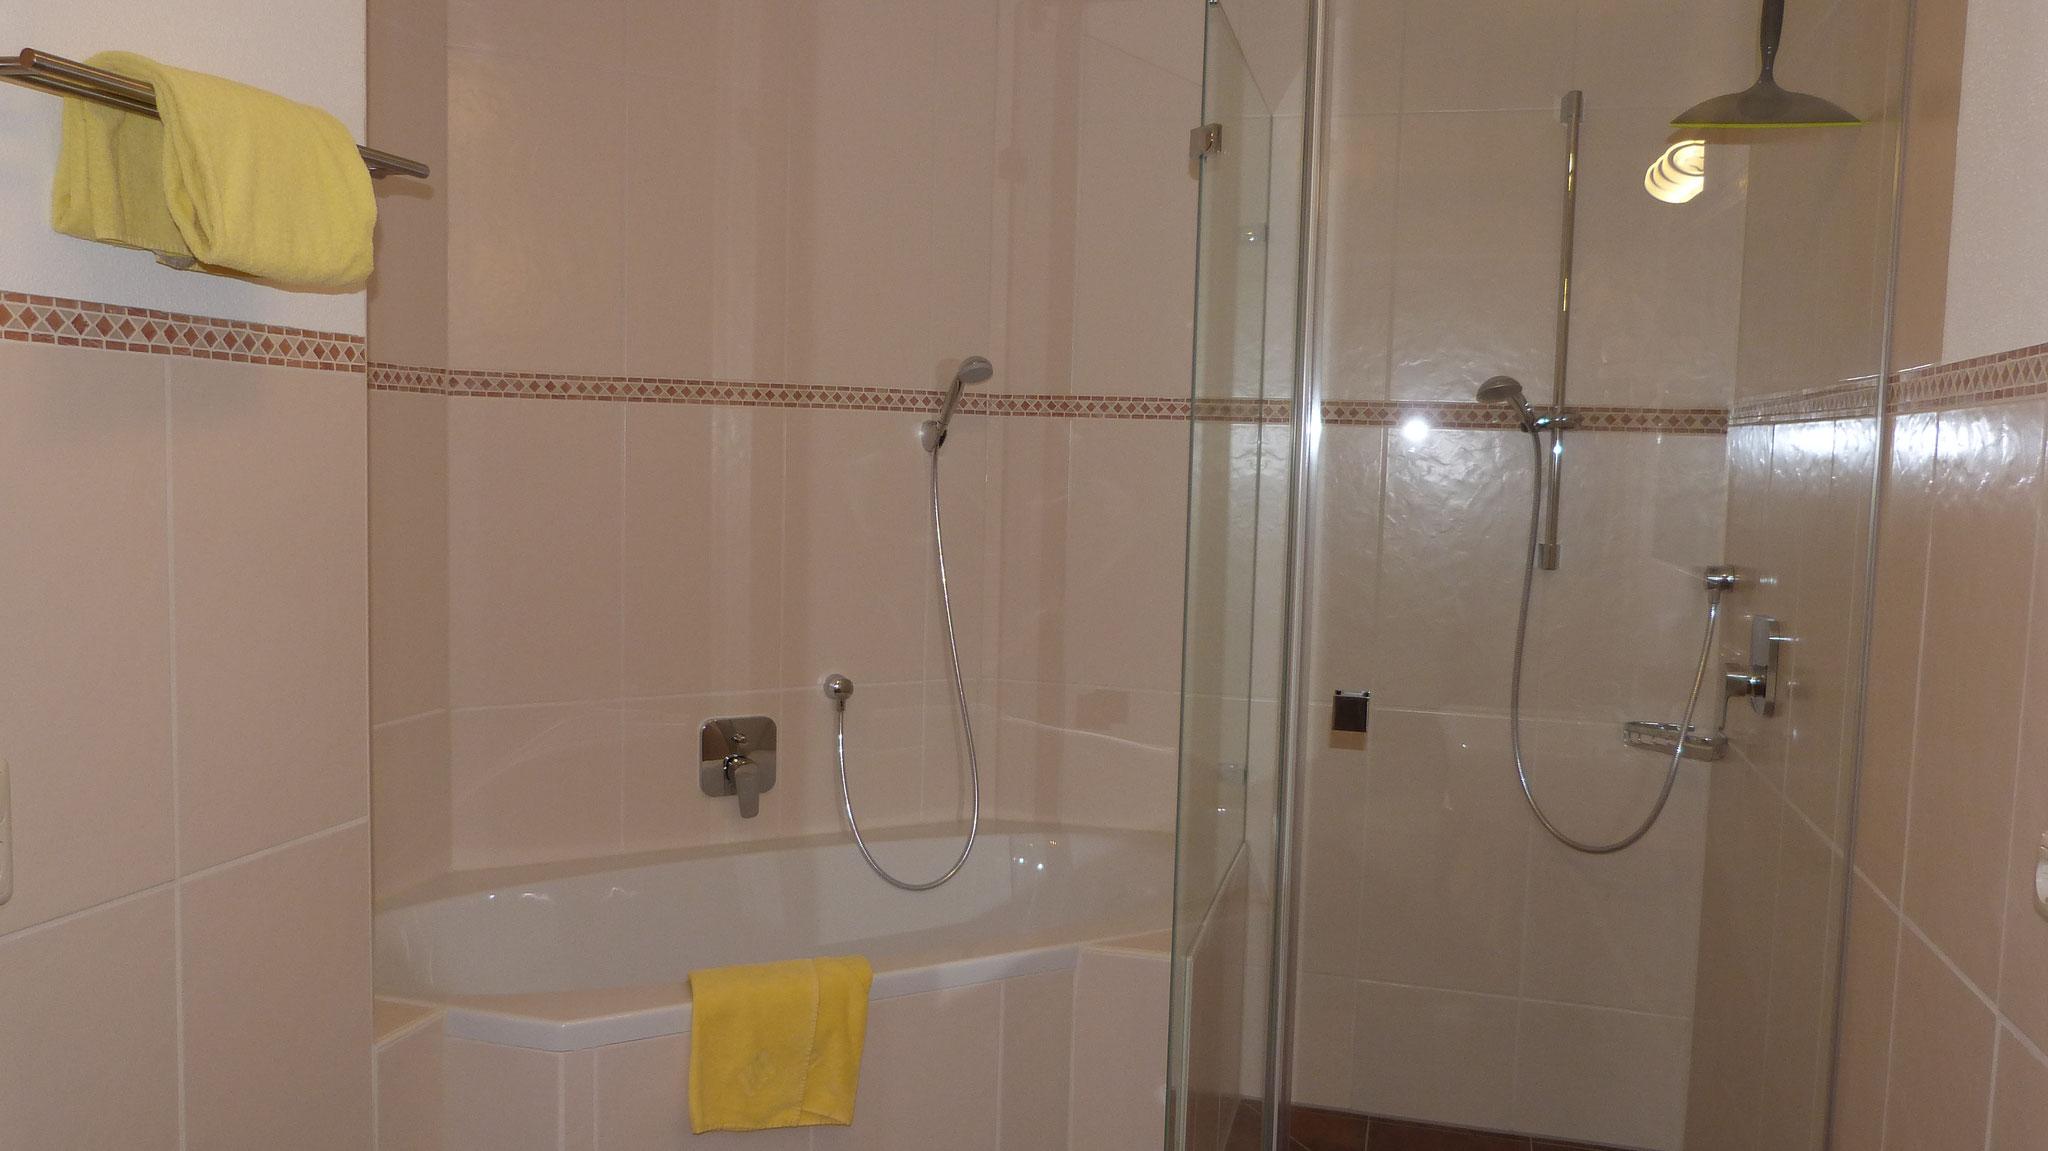 Großes Bad mit ebenerdiger Duche und Badewanne